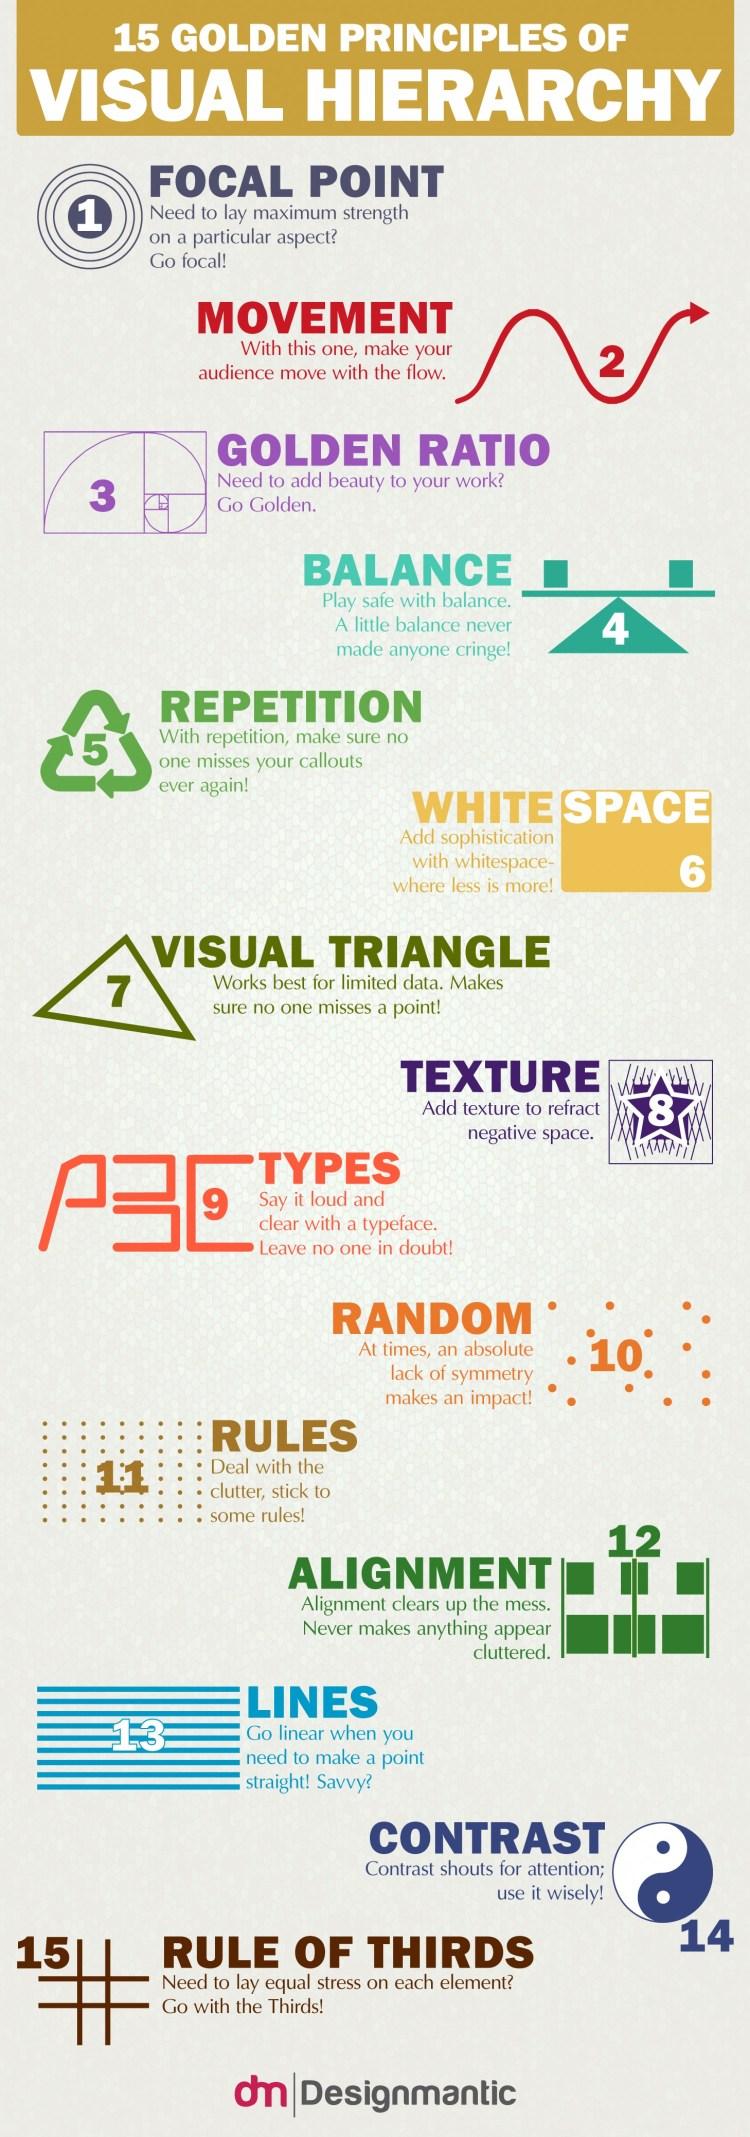 15-golden-principles-of-visual-hierarchy_